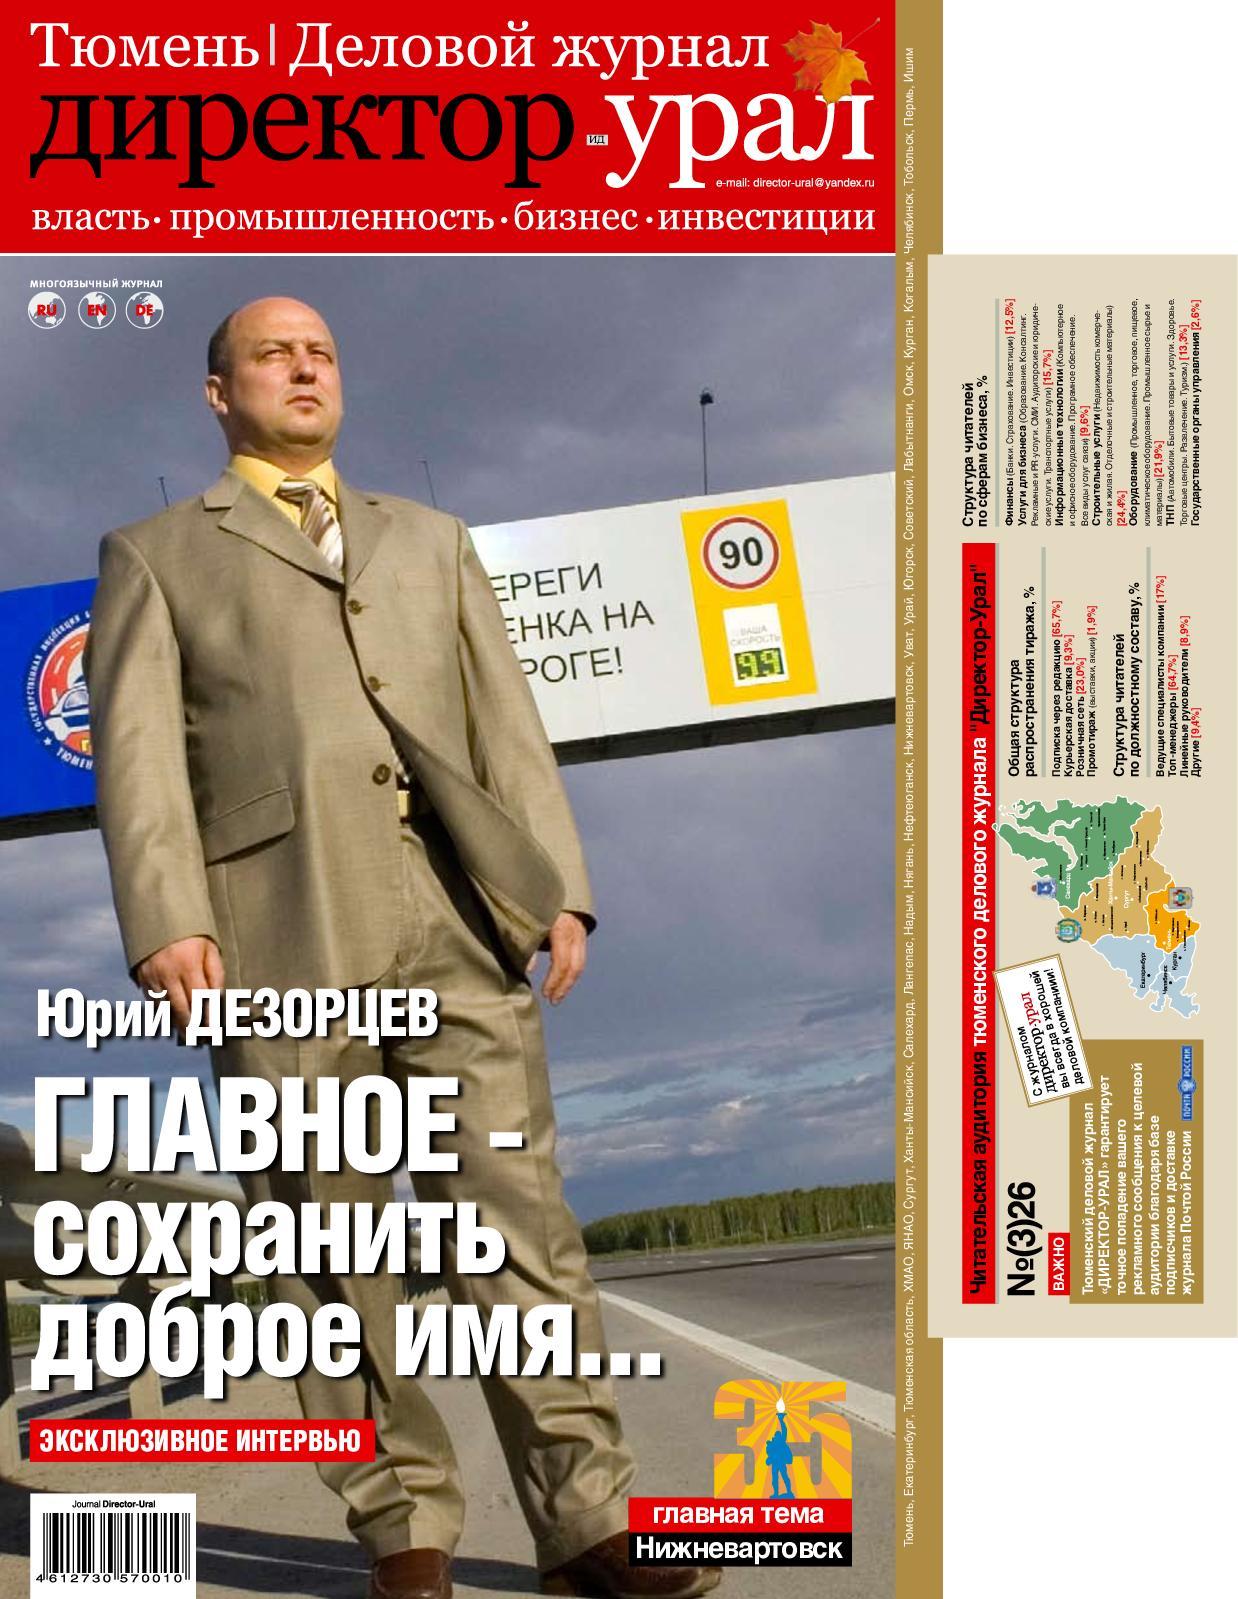 экпа урай официальный сайт рассчитать кредит кредит до 5000000 рублей наличными без справок и поручителей спб